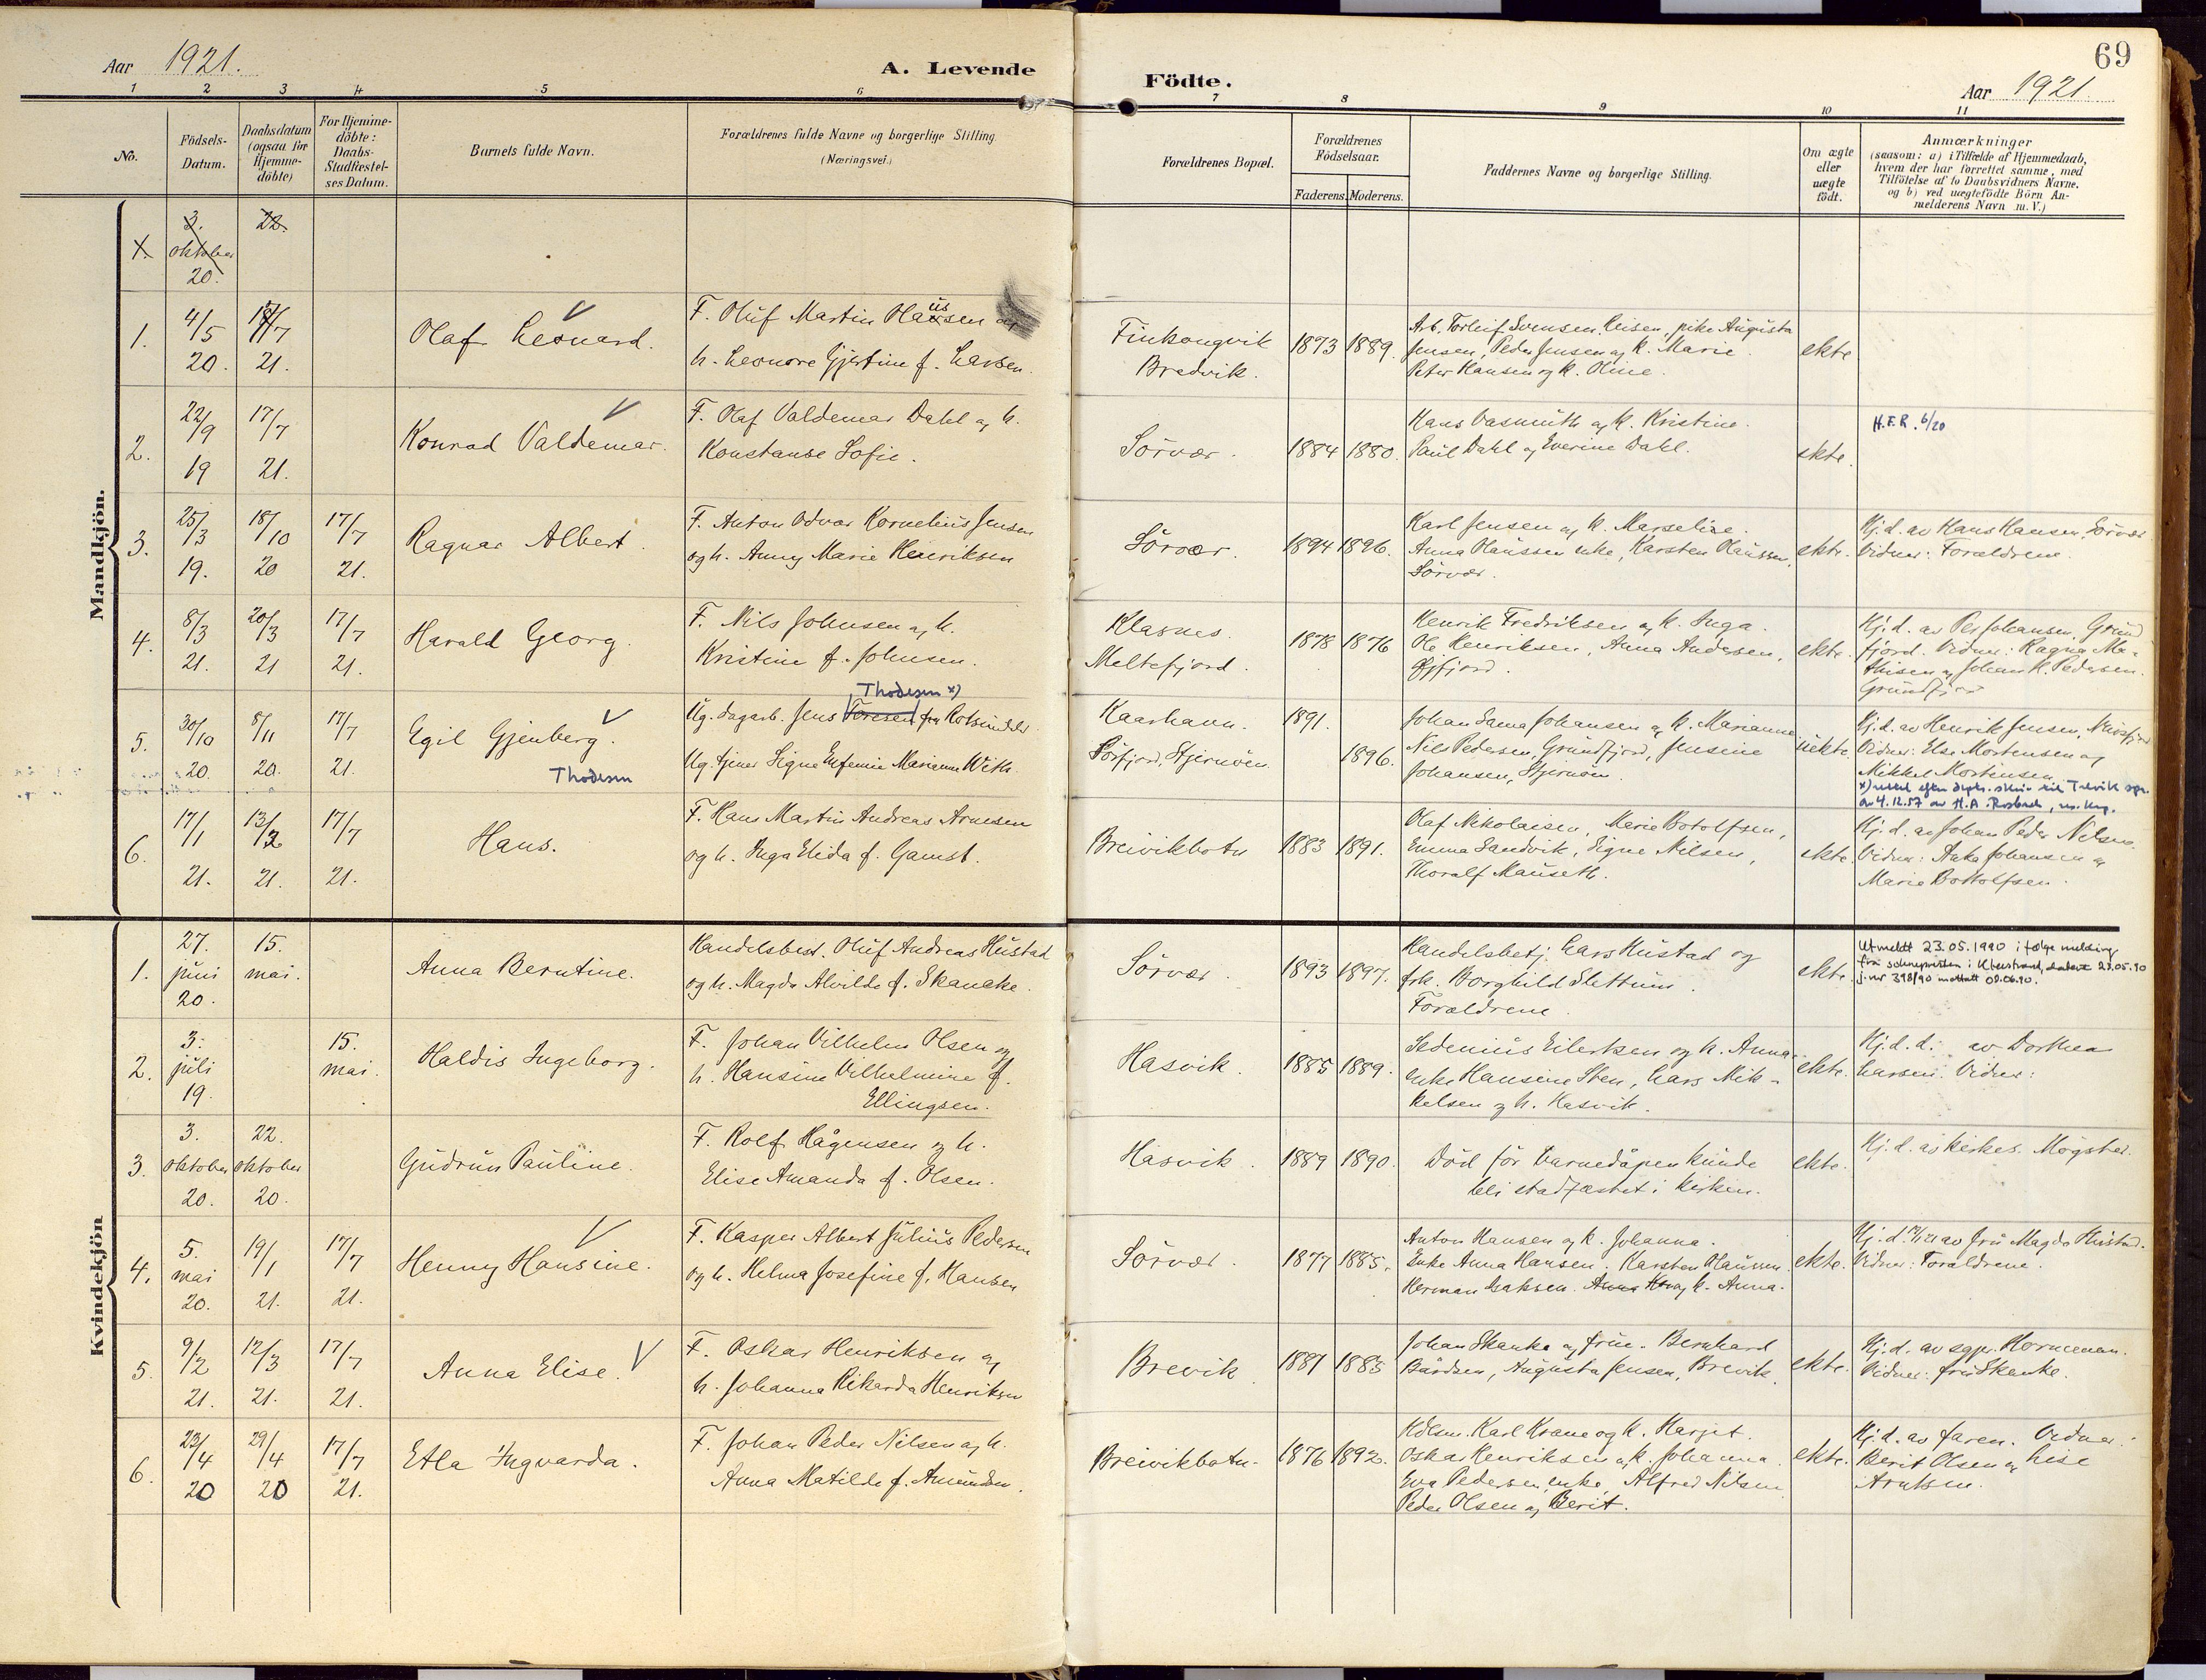 SATØ, Loppa sokneprestkontor, H/Ha/L0010kirke: Ministerialbok nr. 10, 1907-1922, s. 69